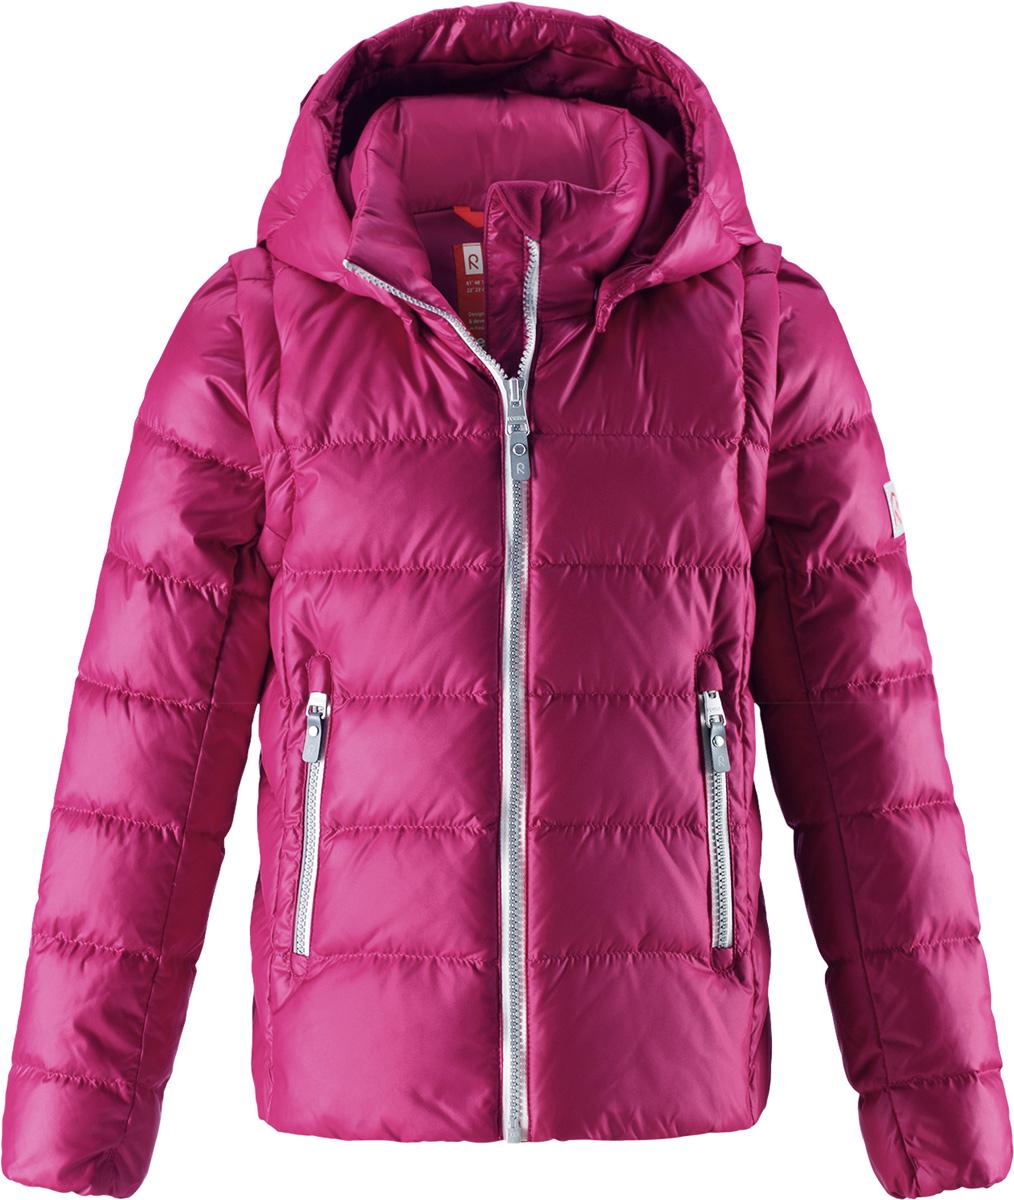 Пуховик для девочки Reima Minna, цвет: розовый. 5312903920. Размер 1585312903920Очень легкая, но при этом теплая и практичная слегка удлиненная куртка для подростков в одно мгновение превращается в жилетку. Эта практичная куртка снабжена утеплителем из пуха и пера. Куртку с гладкой подкладкой из полиэстера легко надевать и очень удобно носить. В теплую погоду стоит лишь отстегнуть рукава, и куртка превратится в жилетку. Наденьте ее с удобной кофтой, и у вас получится модный и стильный наряд. А когда на улице похолодает, жилетку можно поддевать в качестве промежуточного слоя. Куртка оснащена съемным капюшоном, что обеспечивает дополнительную безопасность во время активных прогулок – капюшон легко отстегивается, если случайно за что-нибудь зацепится. Есть два кармана на молнии для мобильного телефона и других ценных мелочей. Эту модель для девочек довершают практичные детали: длинная молния высокого качества и светоотражающие элементы.Средняя степень утепления.